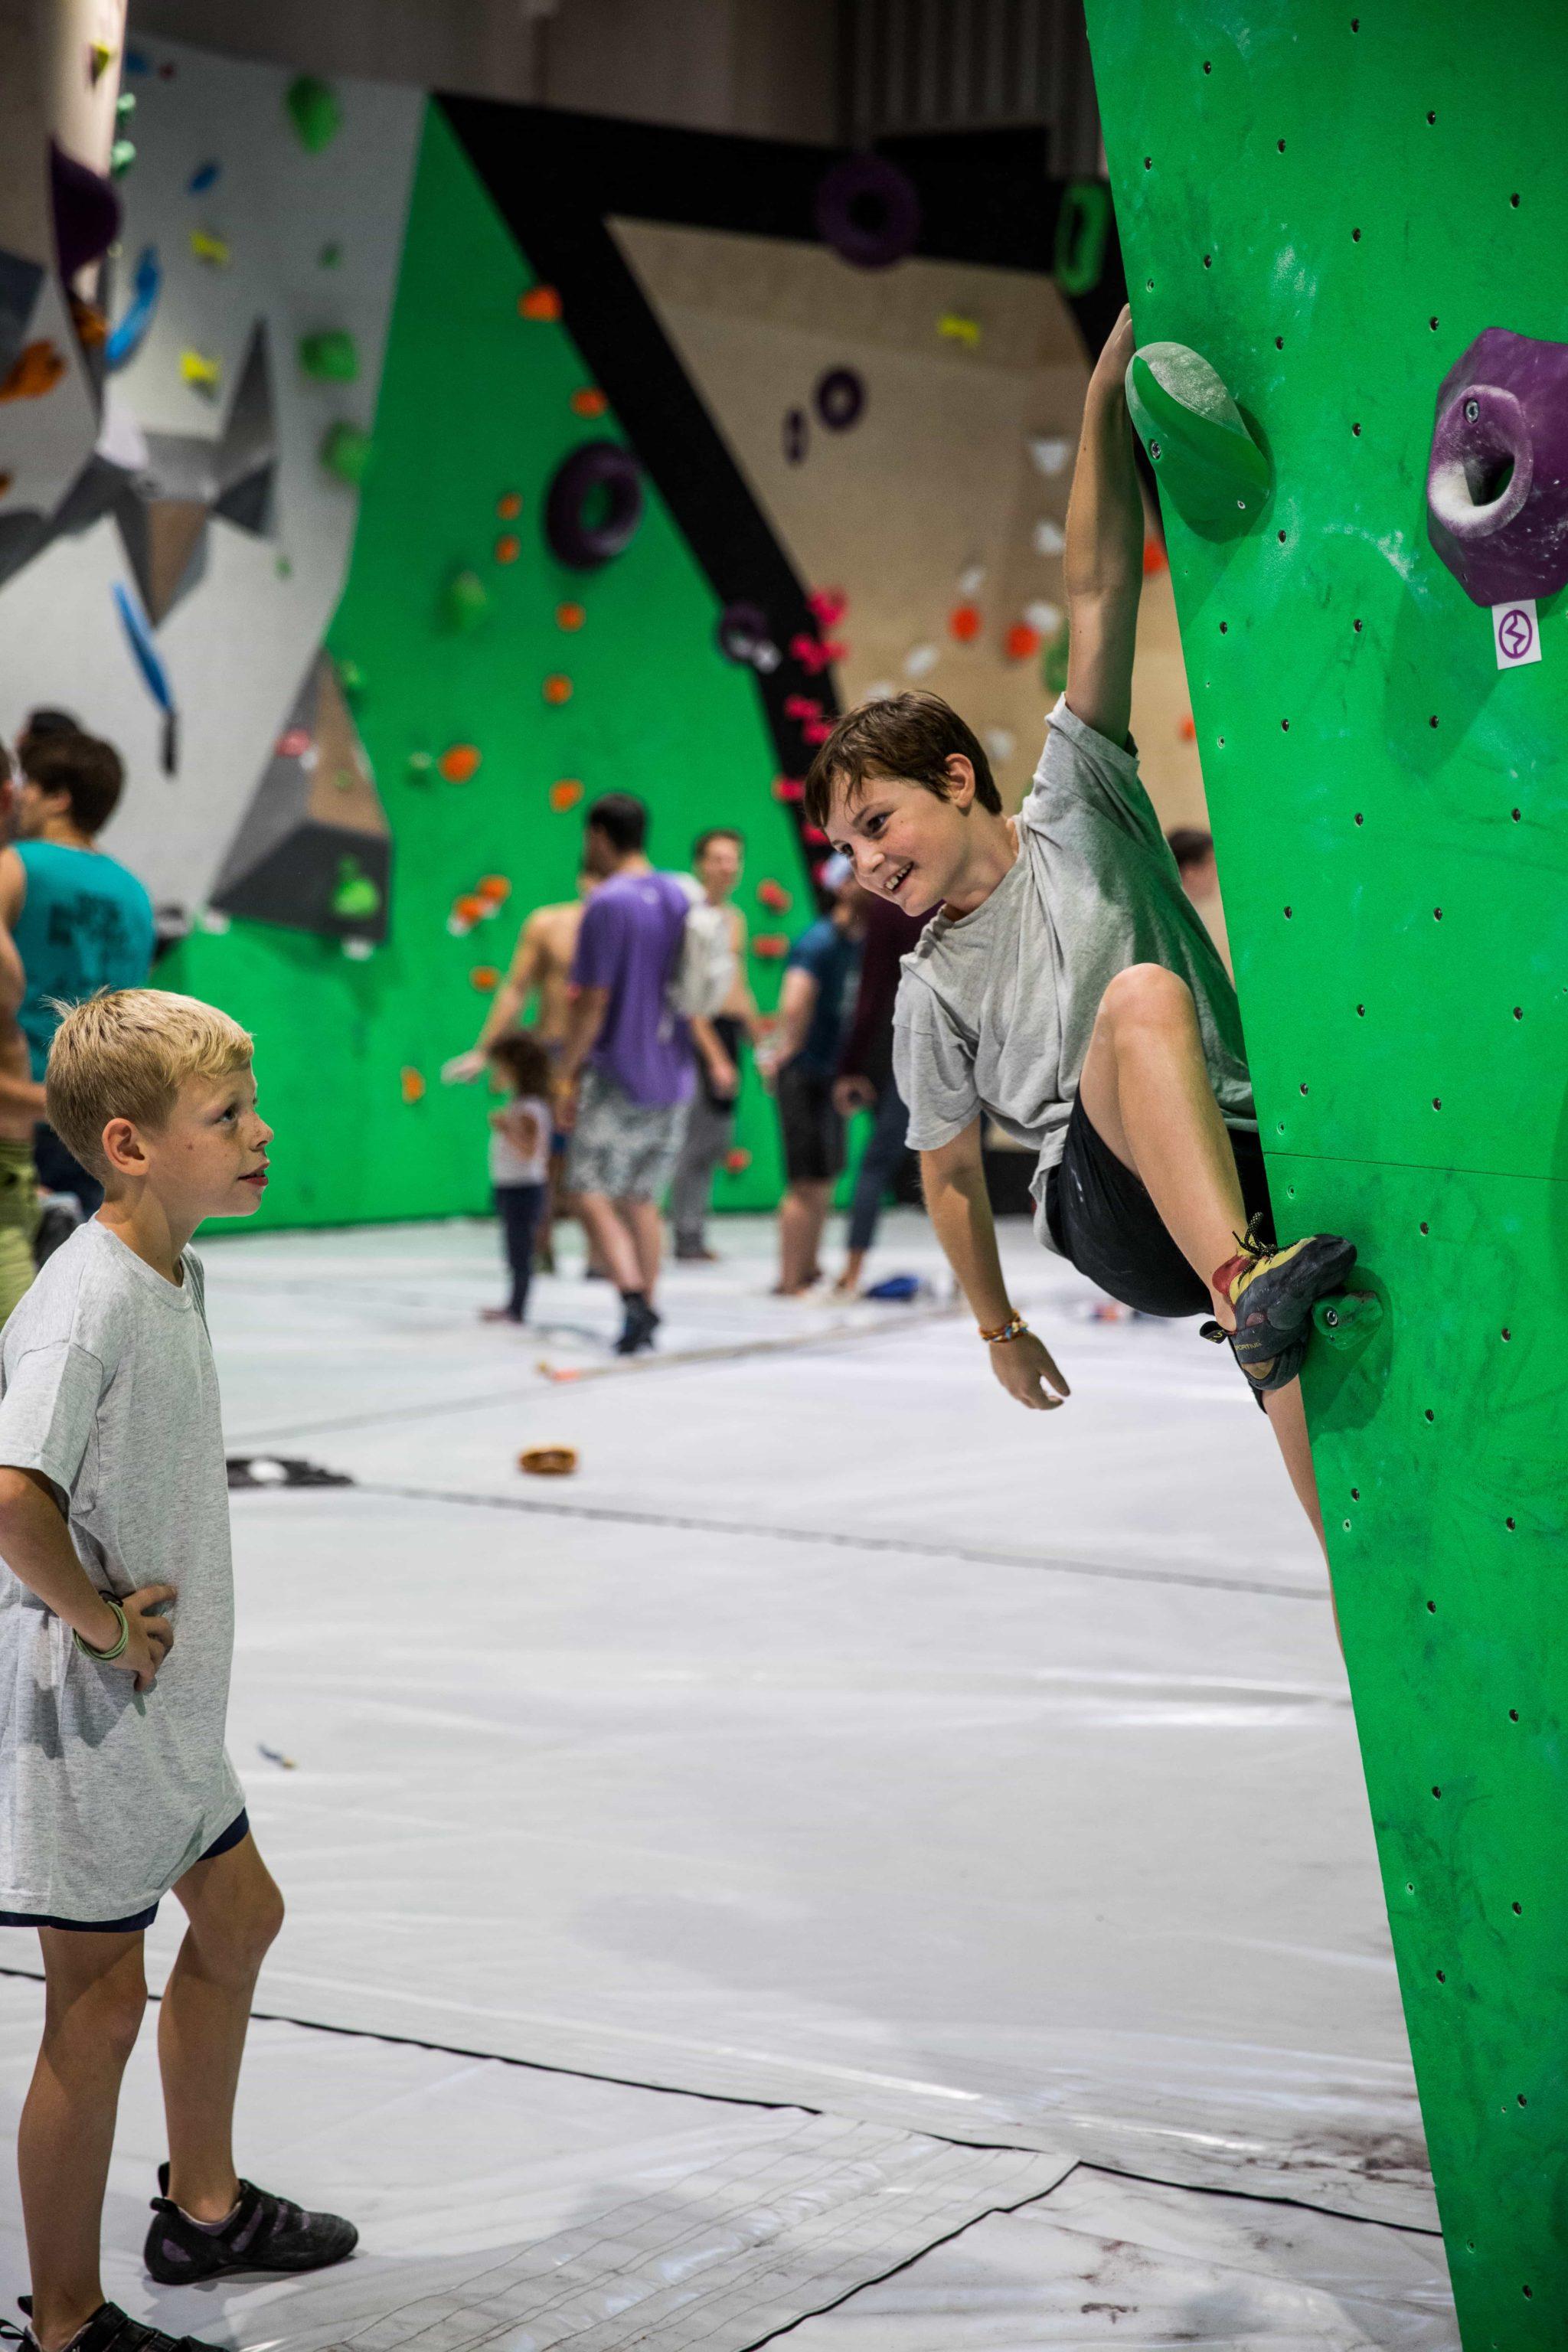 cour d'escalade - jeux - enfant- anniversaire - Vertical'Art - lille - salle d'escalade de bloc